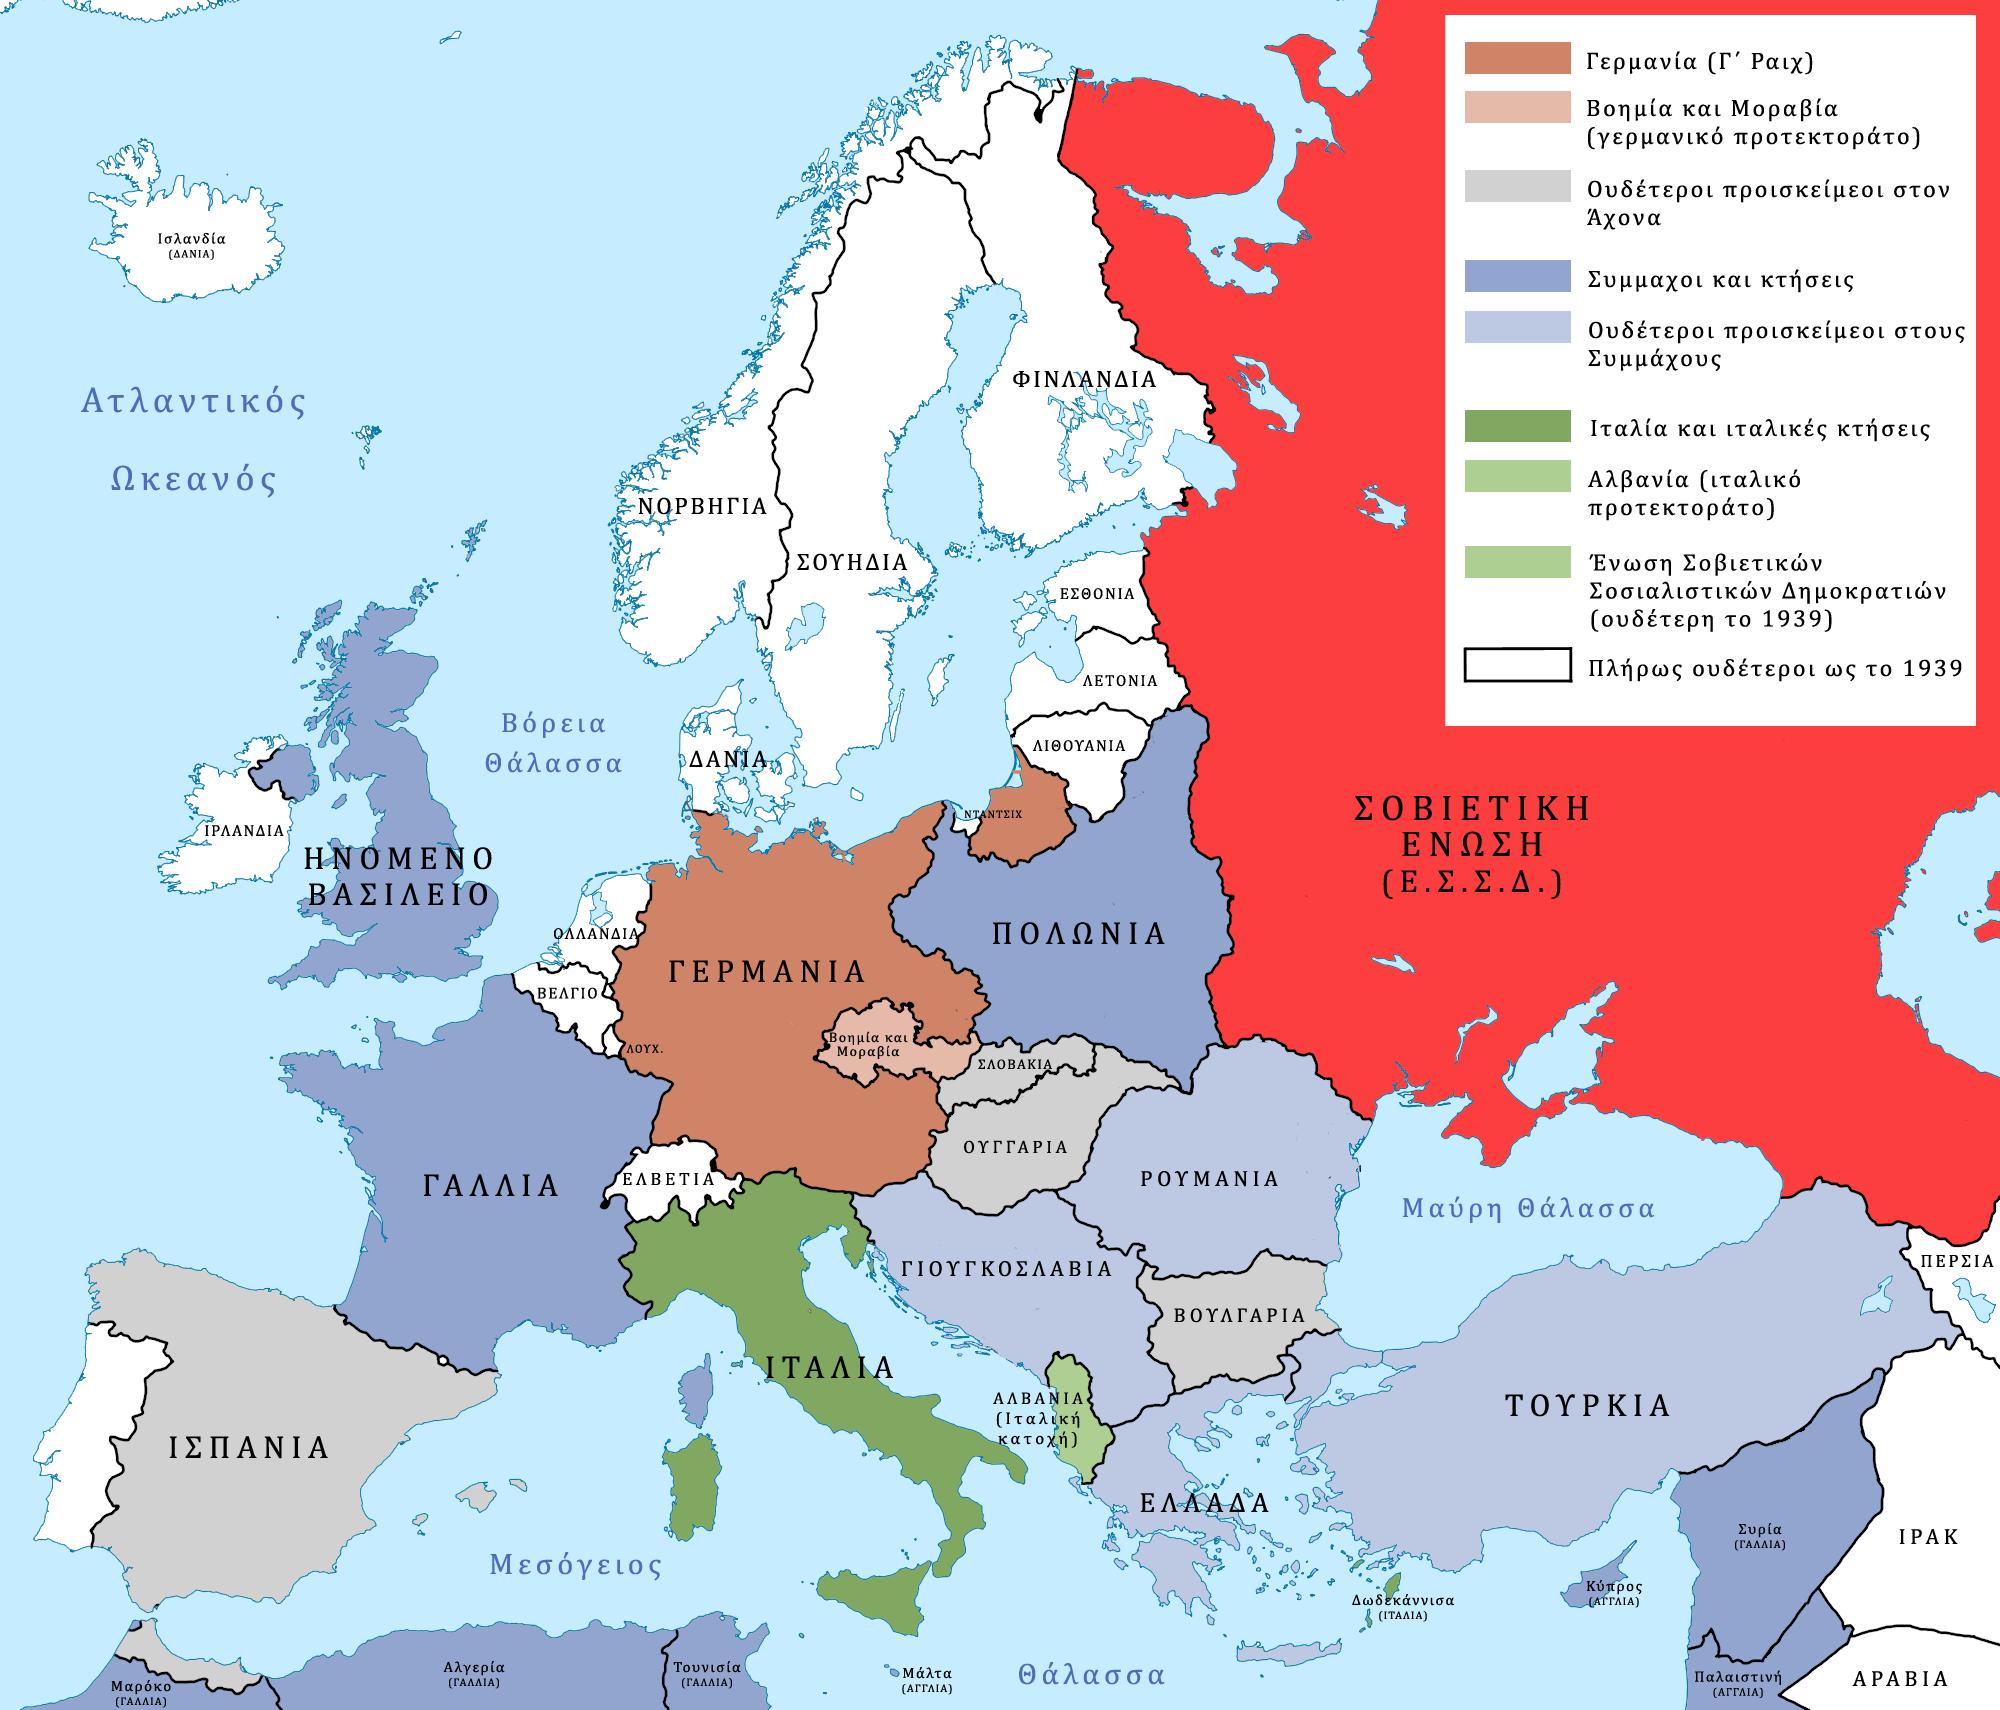 Η Ευρώπη και οι κύριοι συνασπισμοί κρατών τις παραμονές του Β΄ Παγκοσμίου Πολέμου